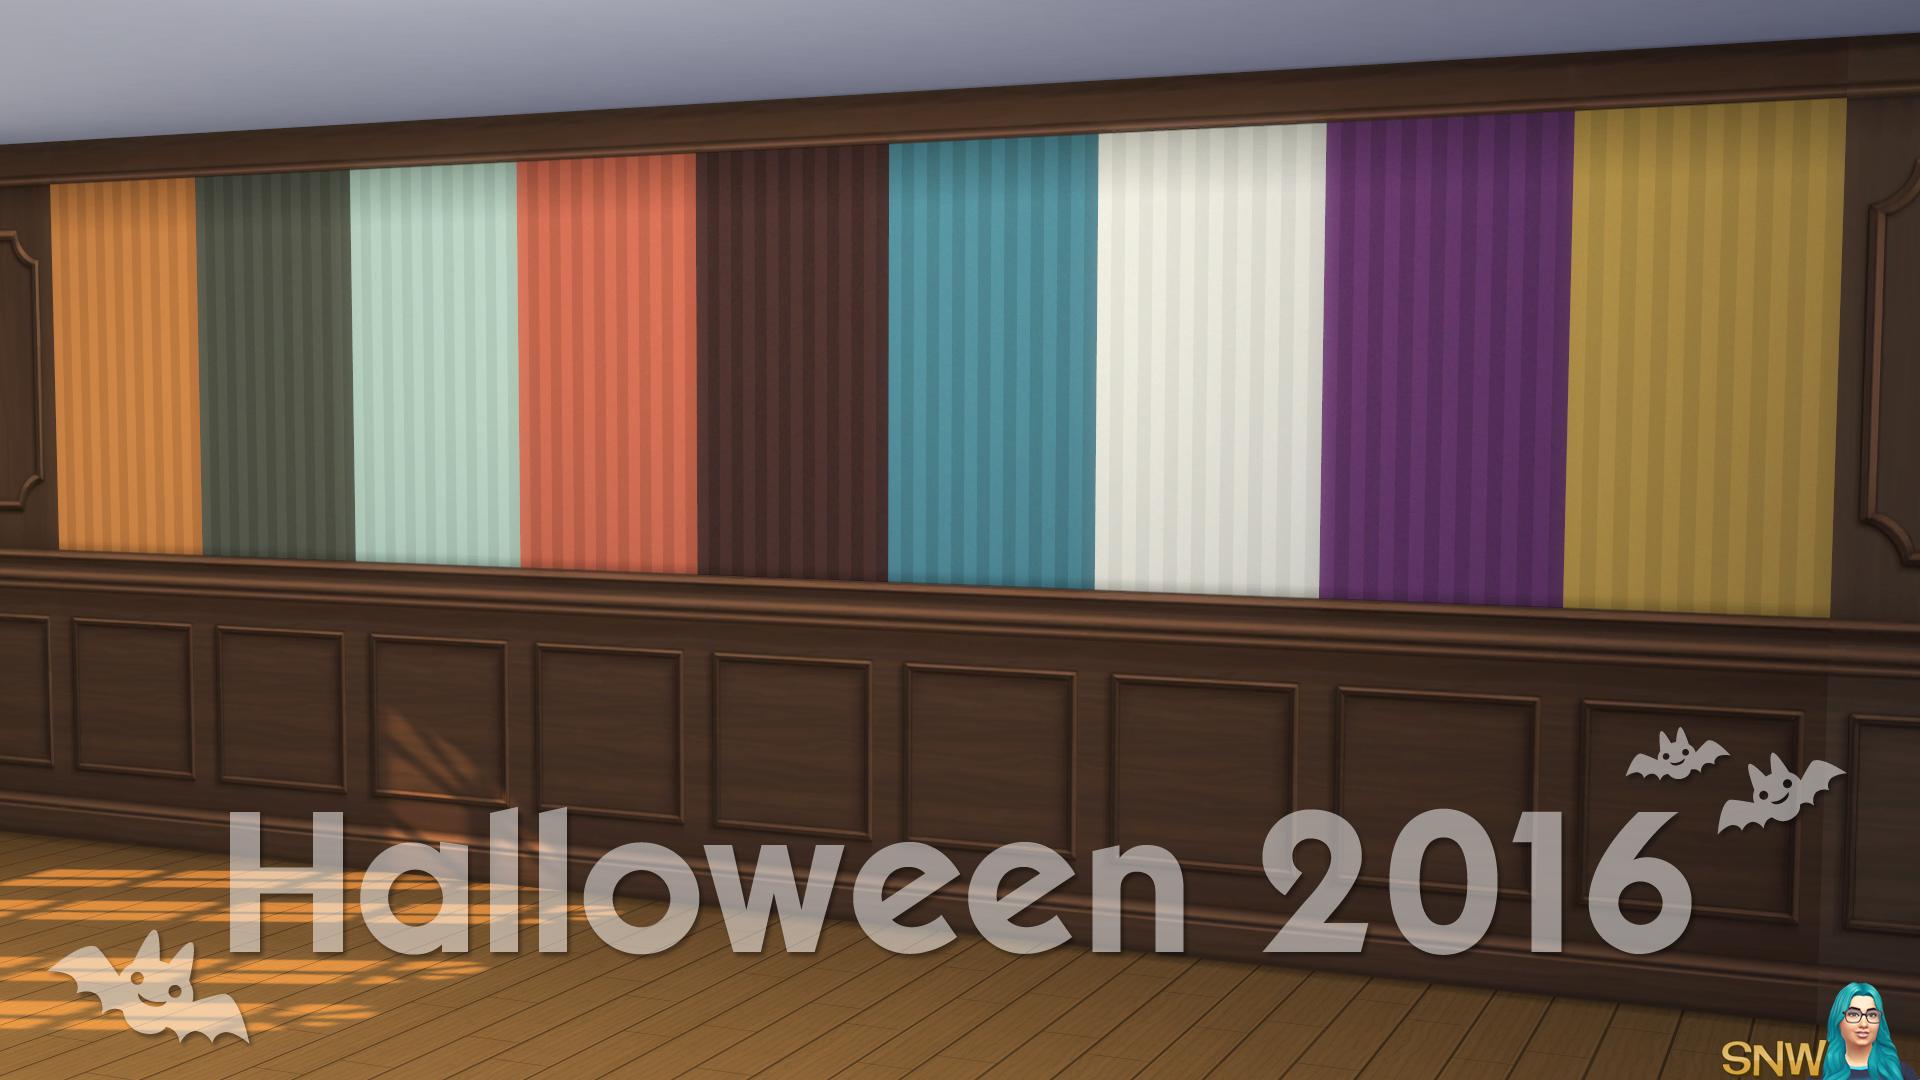 Halloween 2016 Walls #9